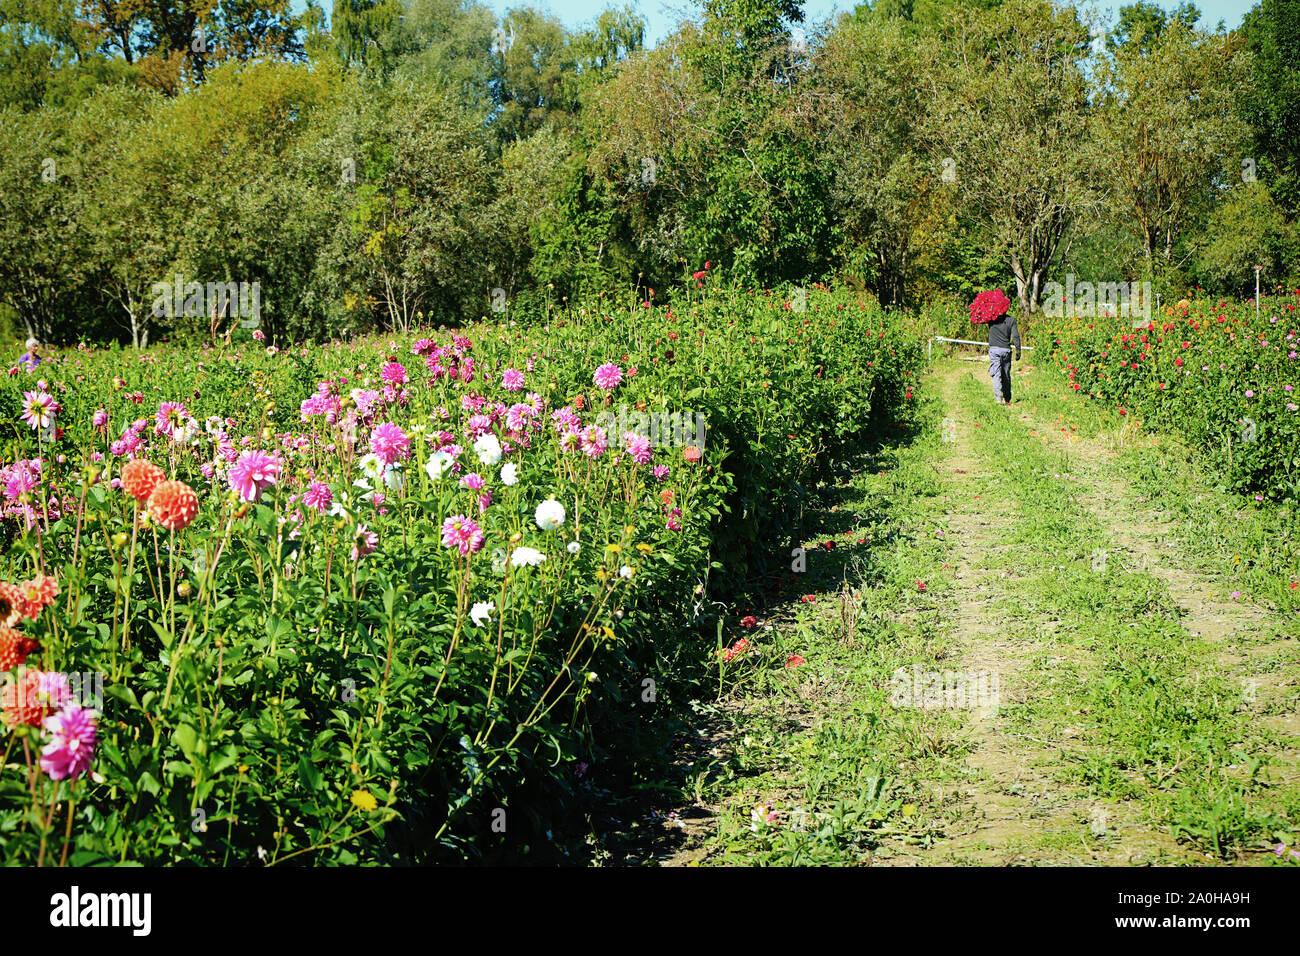 Blumen Anbau in Bayern: Mitarbeiter bringt eine Reihe von Dahlia schneiden und bereit für den Markt Stockfoto